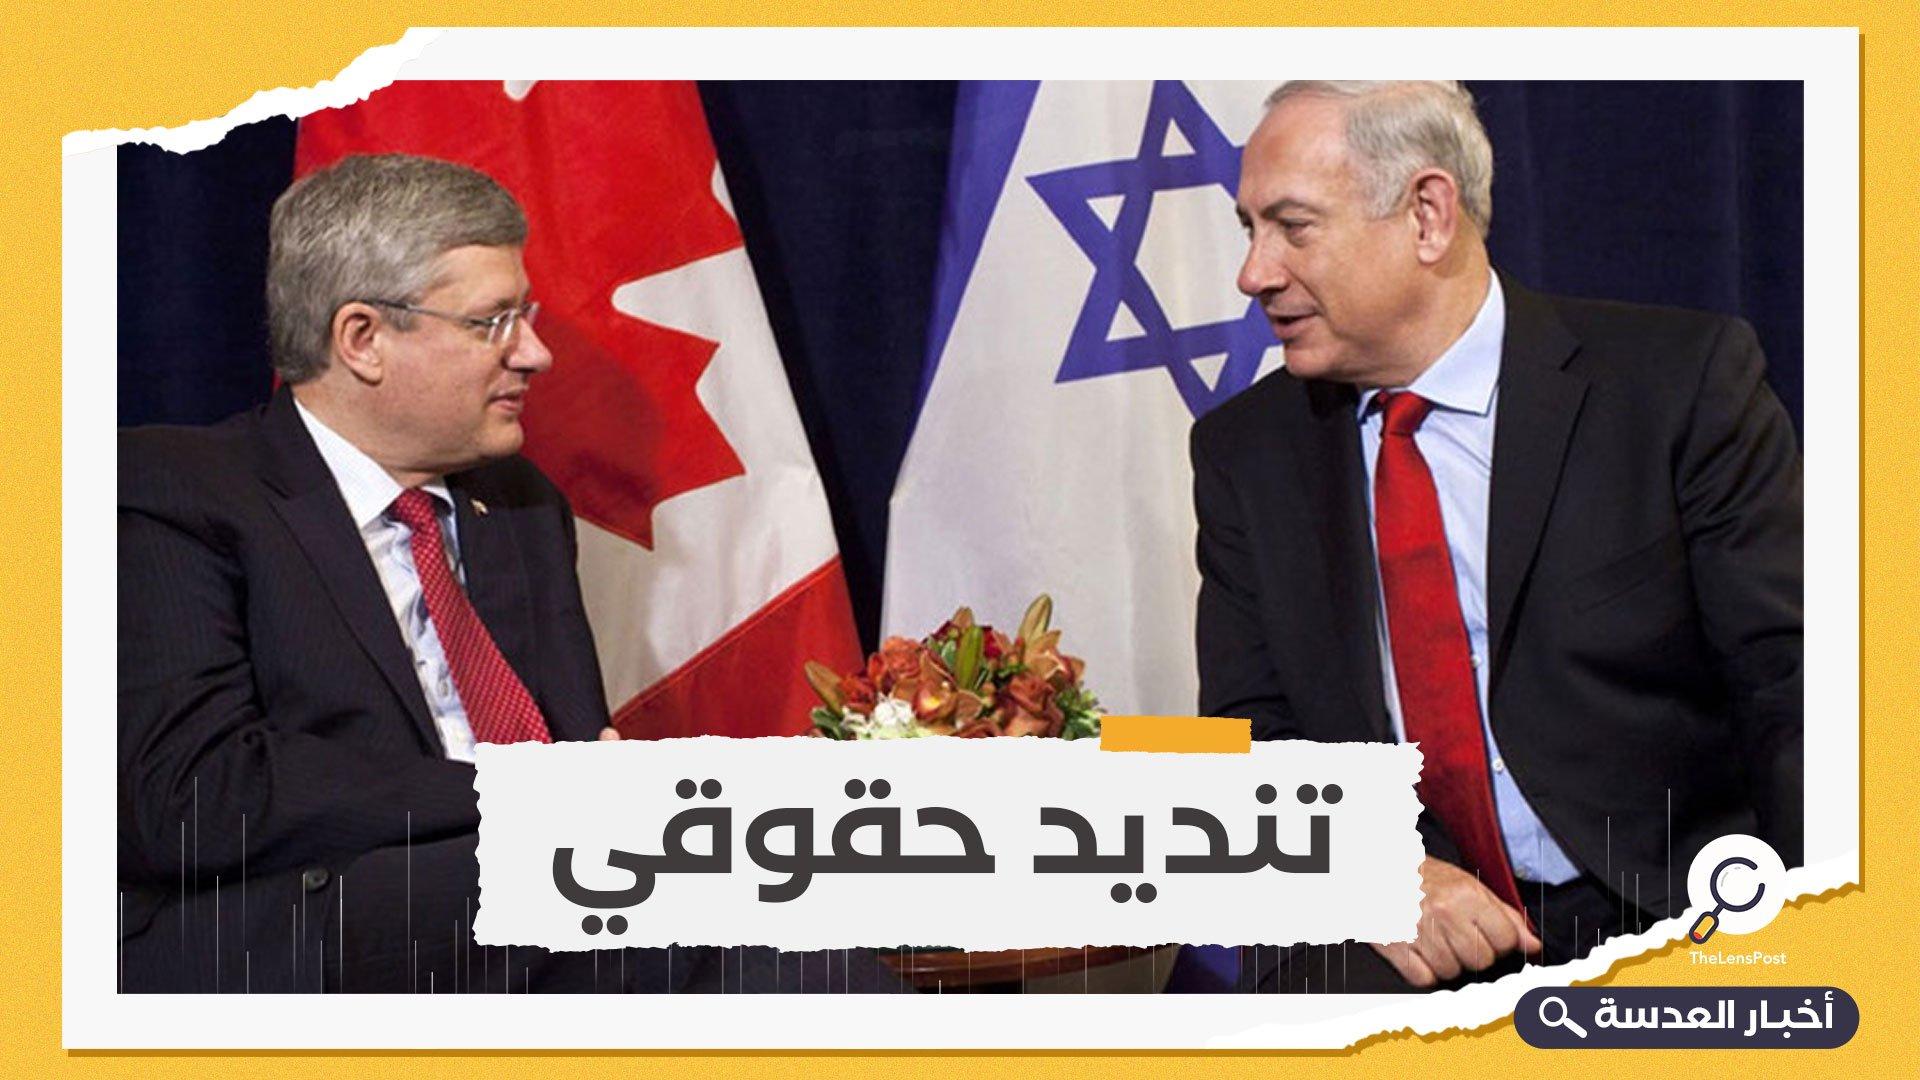 """في ضربة جديدة للسلاح الإسرائيلي.. منظمة حقوقية تطالب كندا بإلغاء صفقة أسلحة مع """"إسرائيل"""""""